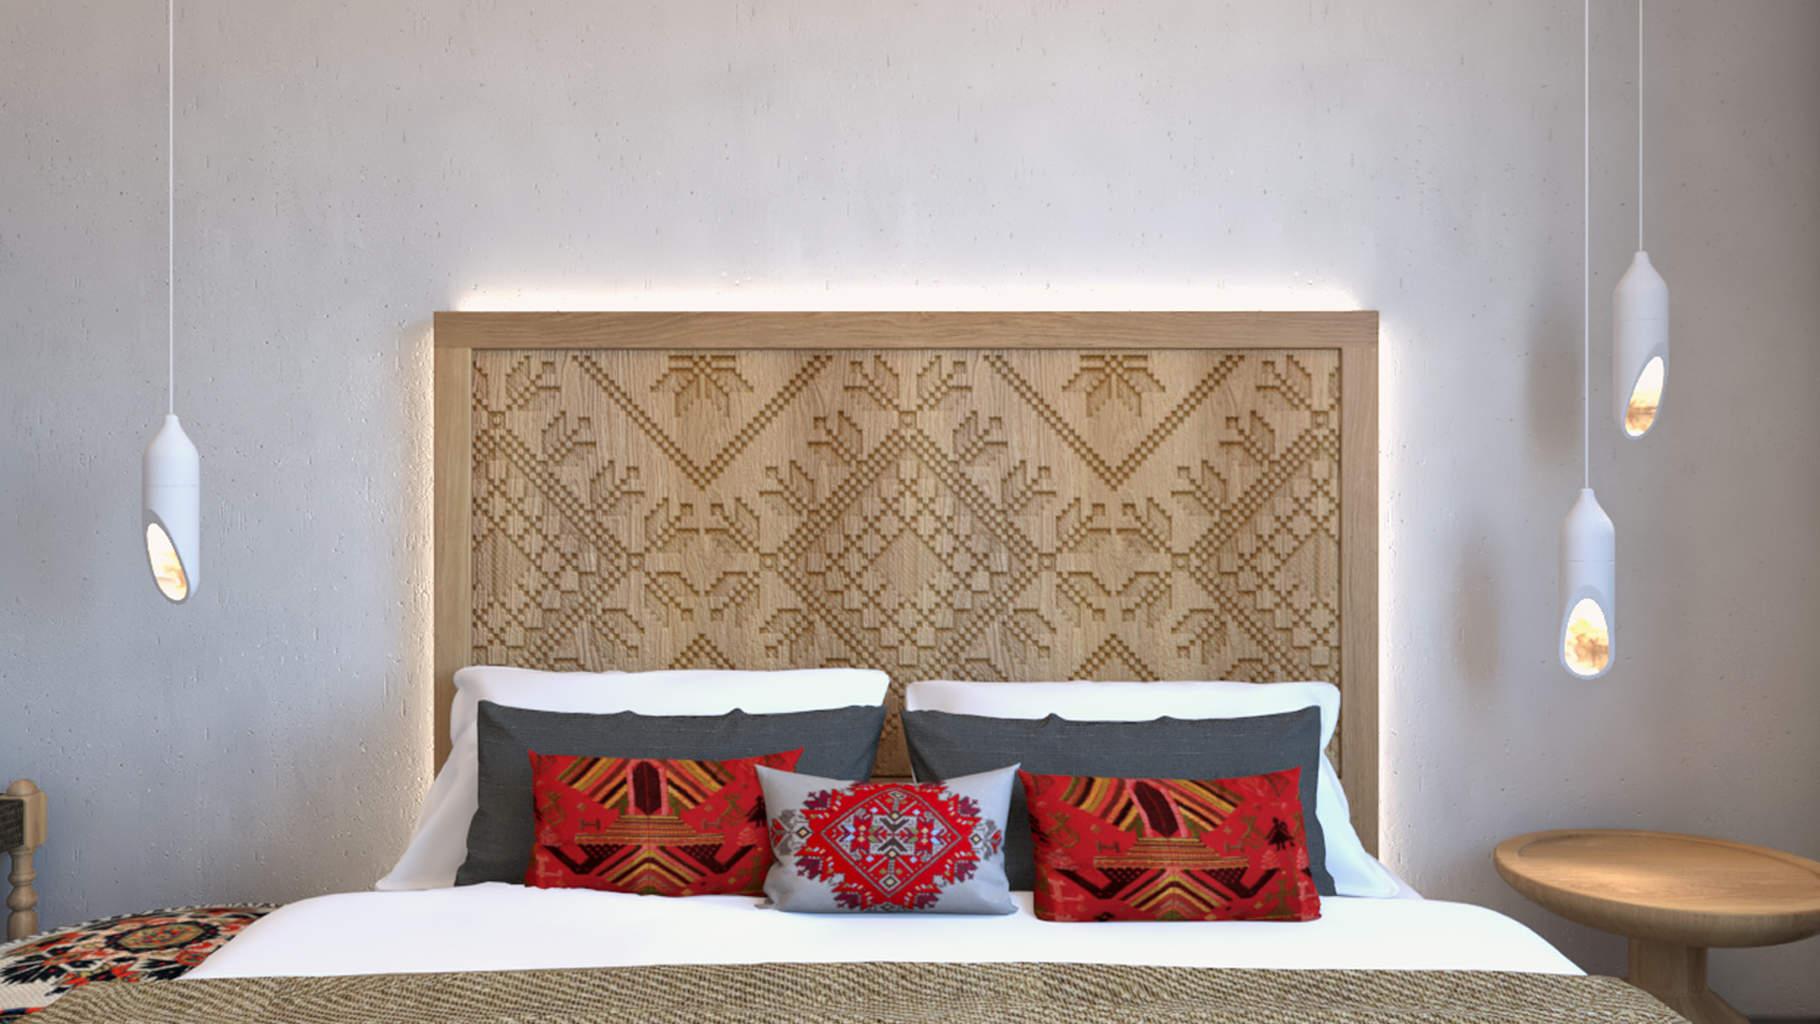 villas complex, interior design, master bedroom. Συγκρότημα τουριστικών κατοικιών, εσωτερικός χώρος, κύριο υπνοδωμάτιο.